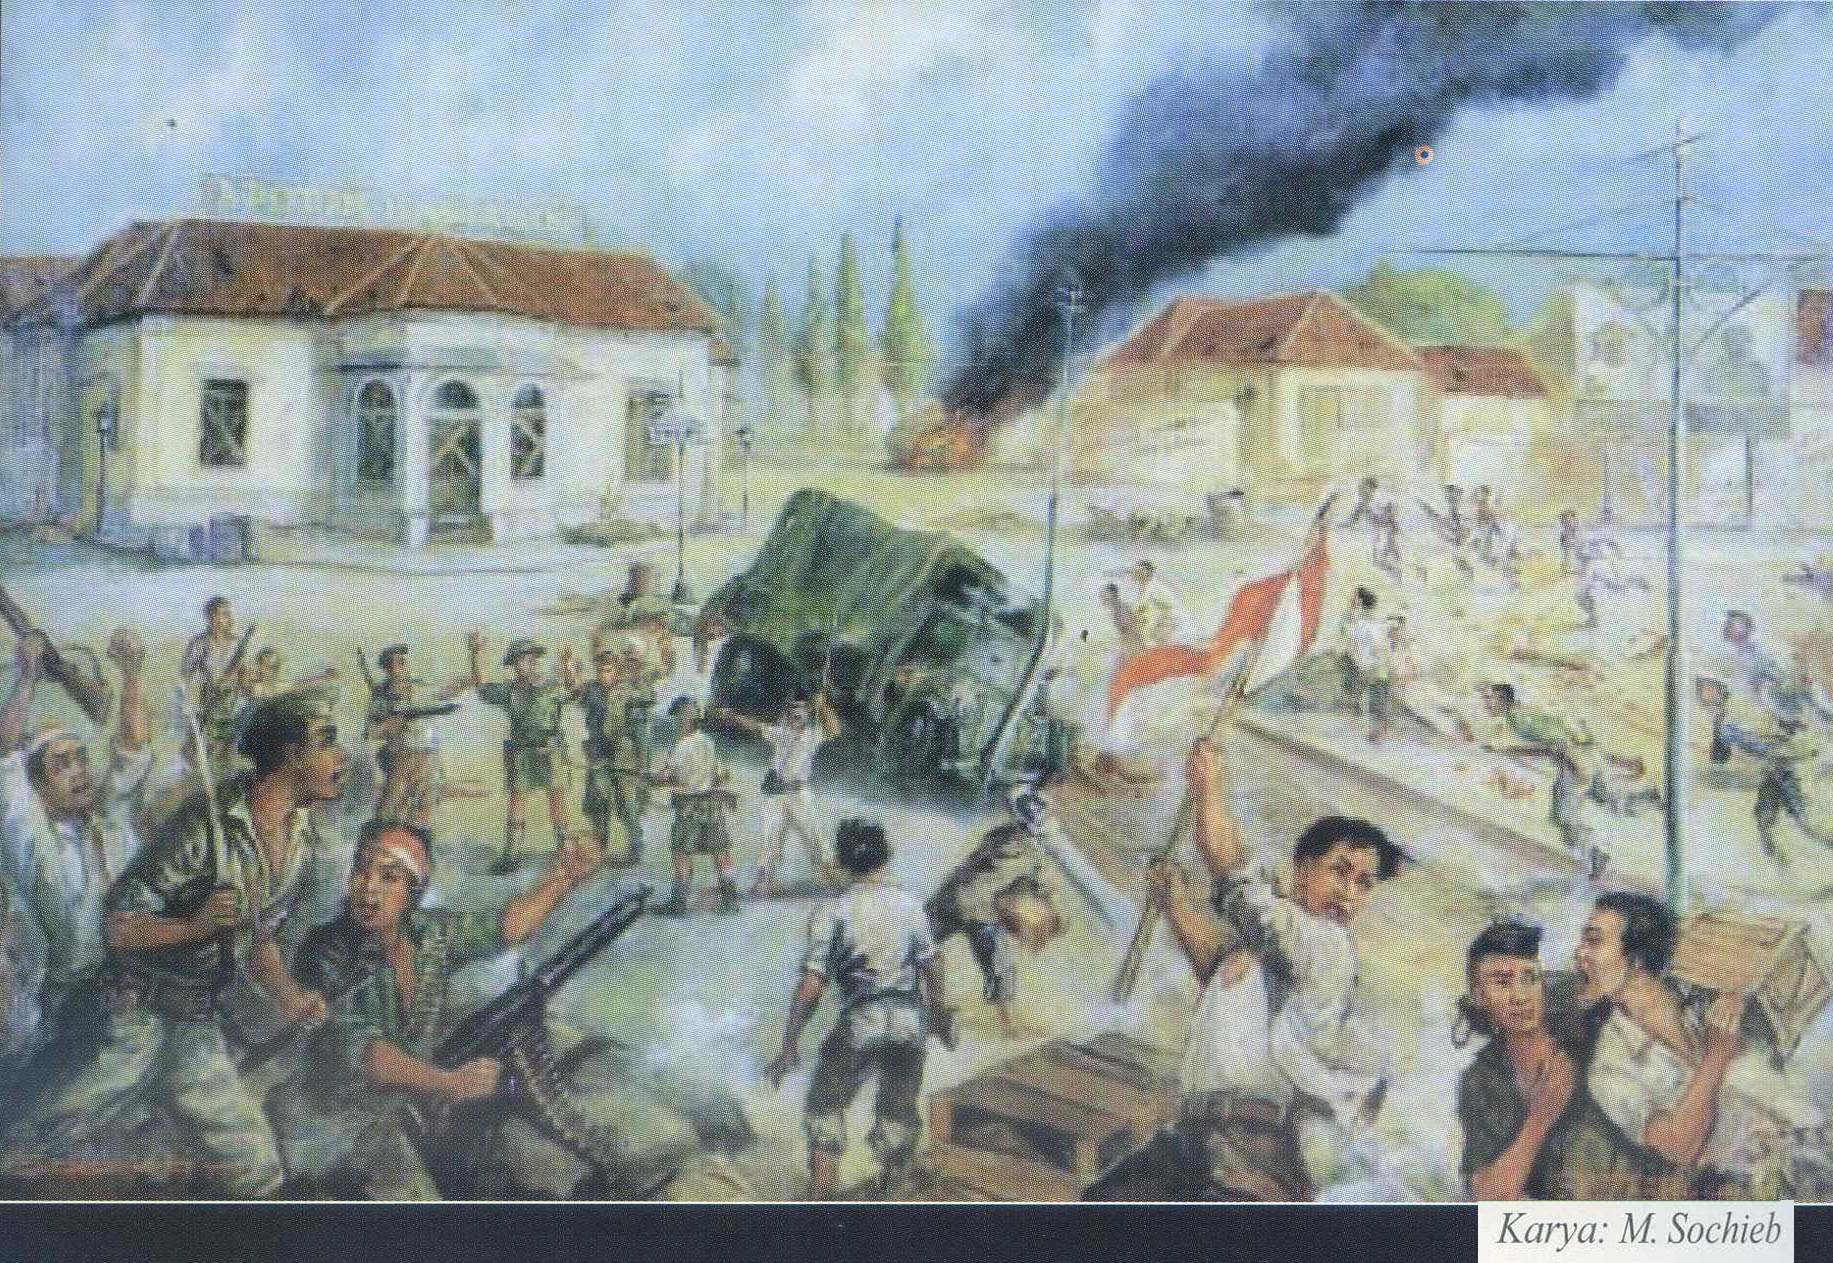 Peristiwa 10 November 1945 Dalam Lukisan Karya Sochieb Pusaka